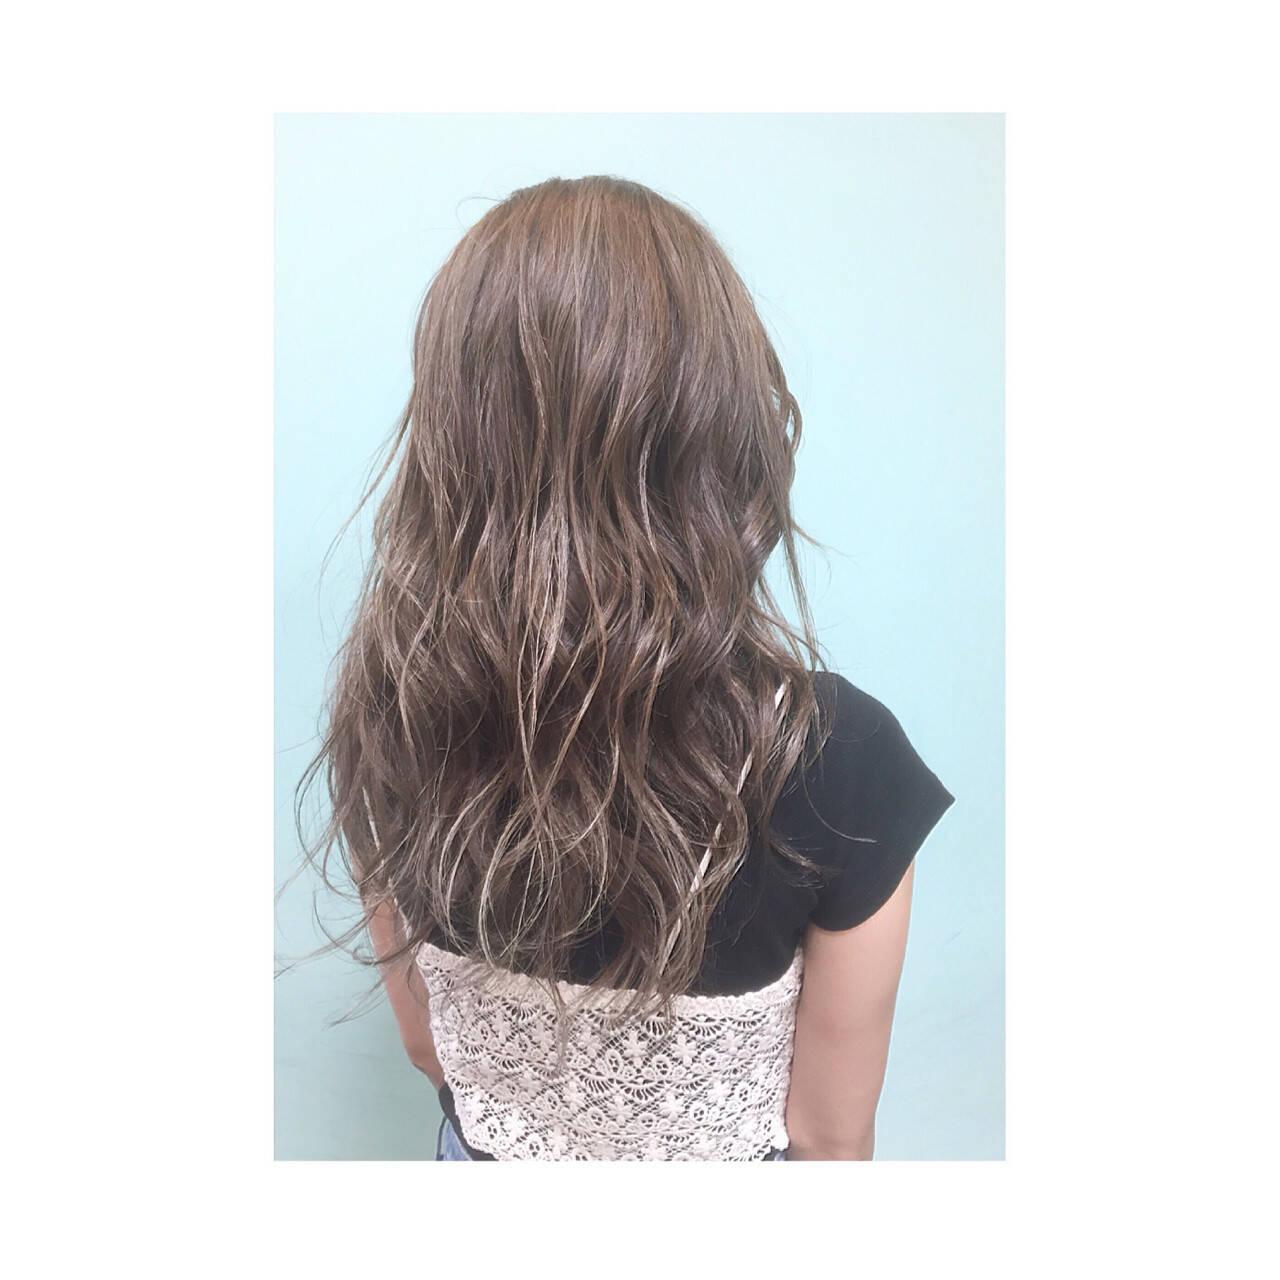 ゆるふわ セミロング グラデーションカラー アッシュヘアスタイルや髪型の写真・画像